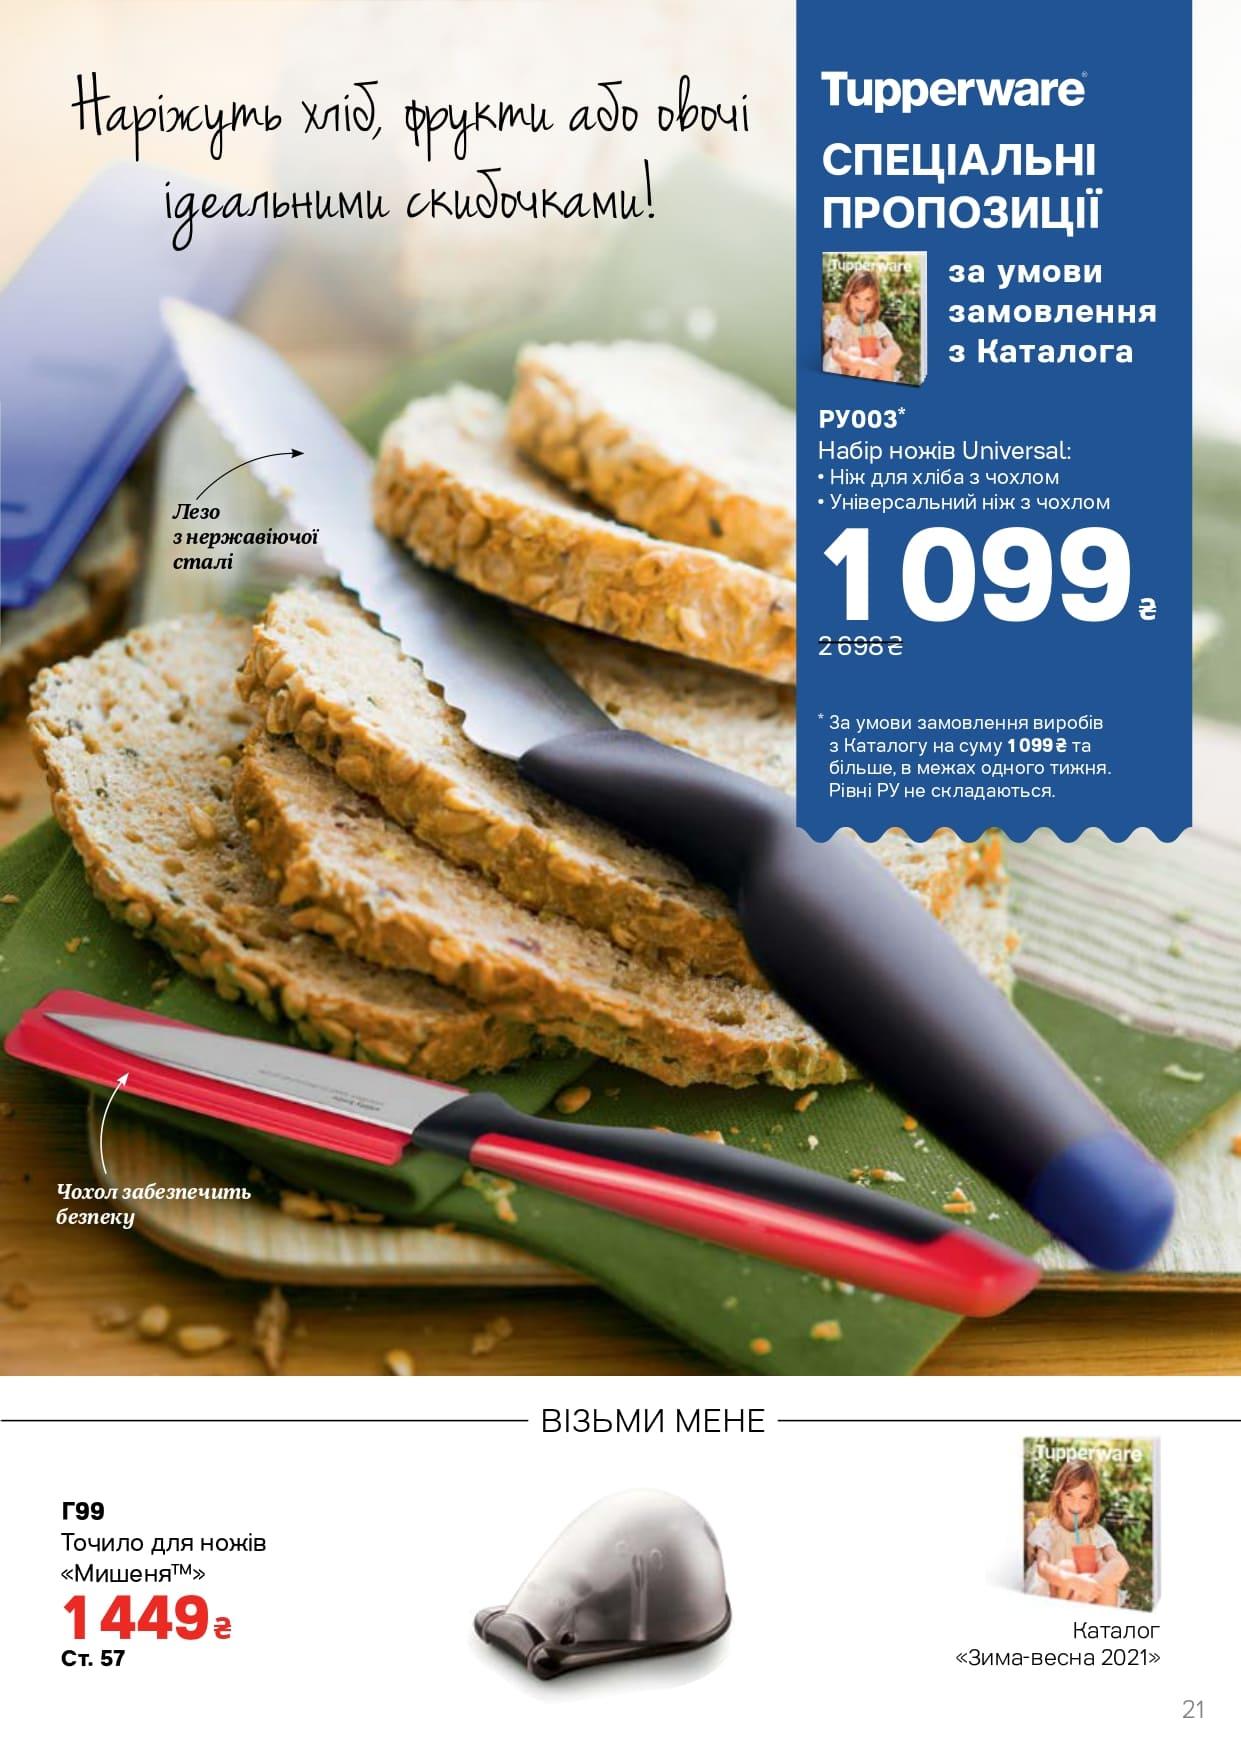 Нож для хлеба и универсальный.